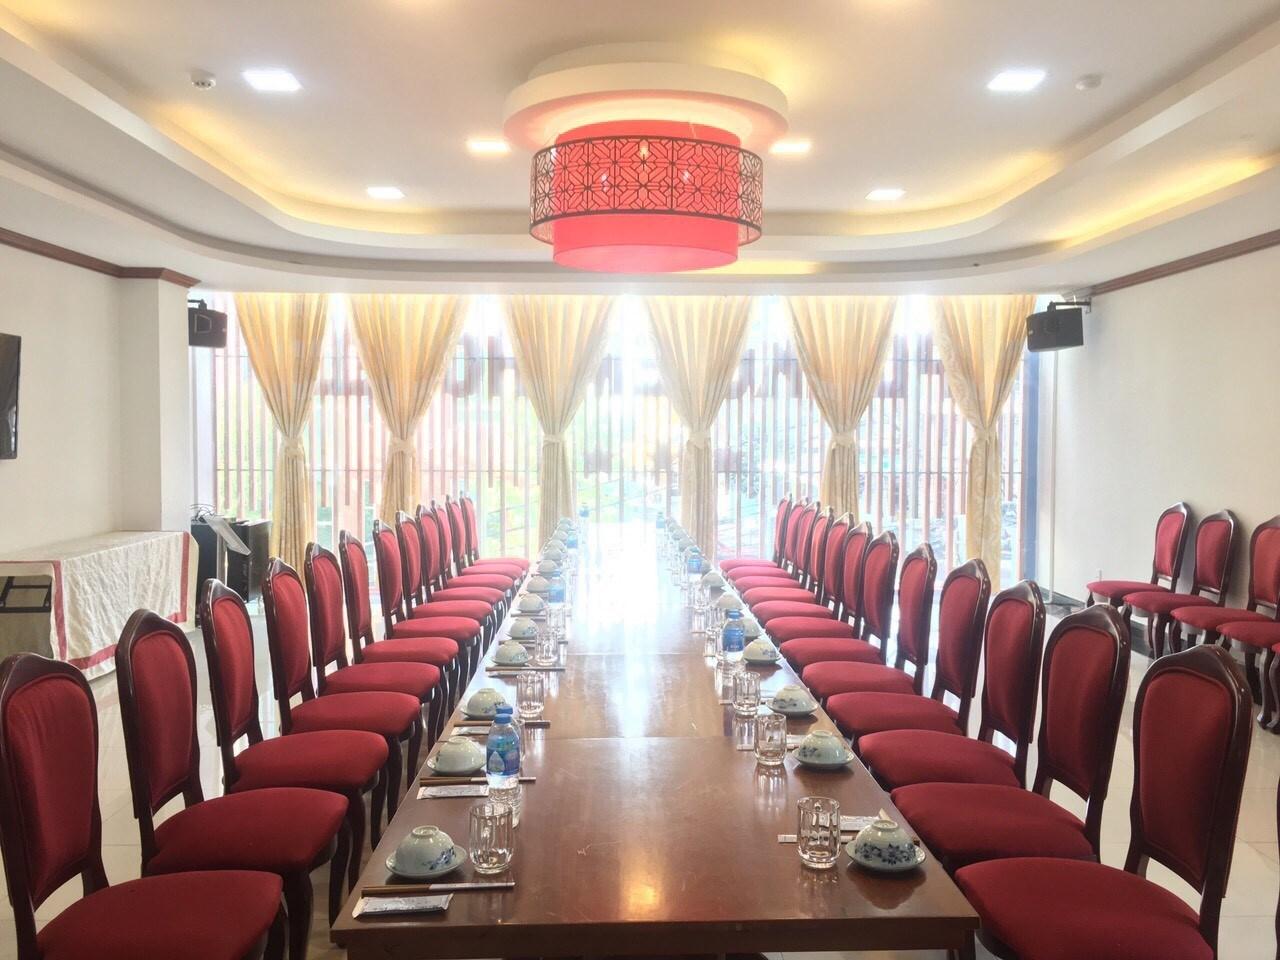 Ăn gì ở Pleiku? Ghim 21 Nhà hàng quán ăn ngon Gia Lai giá rẻ nổi tiếng